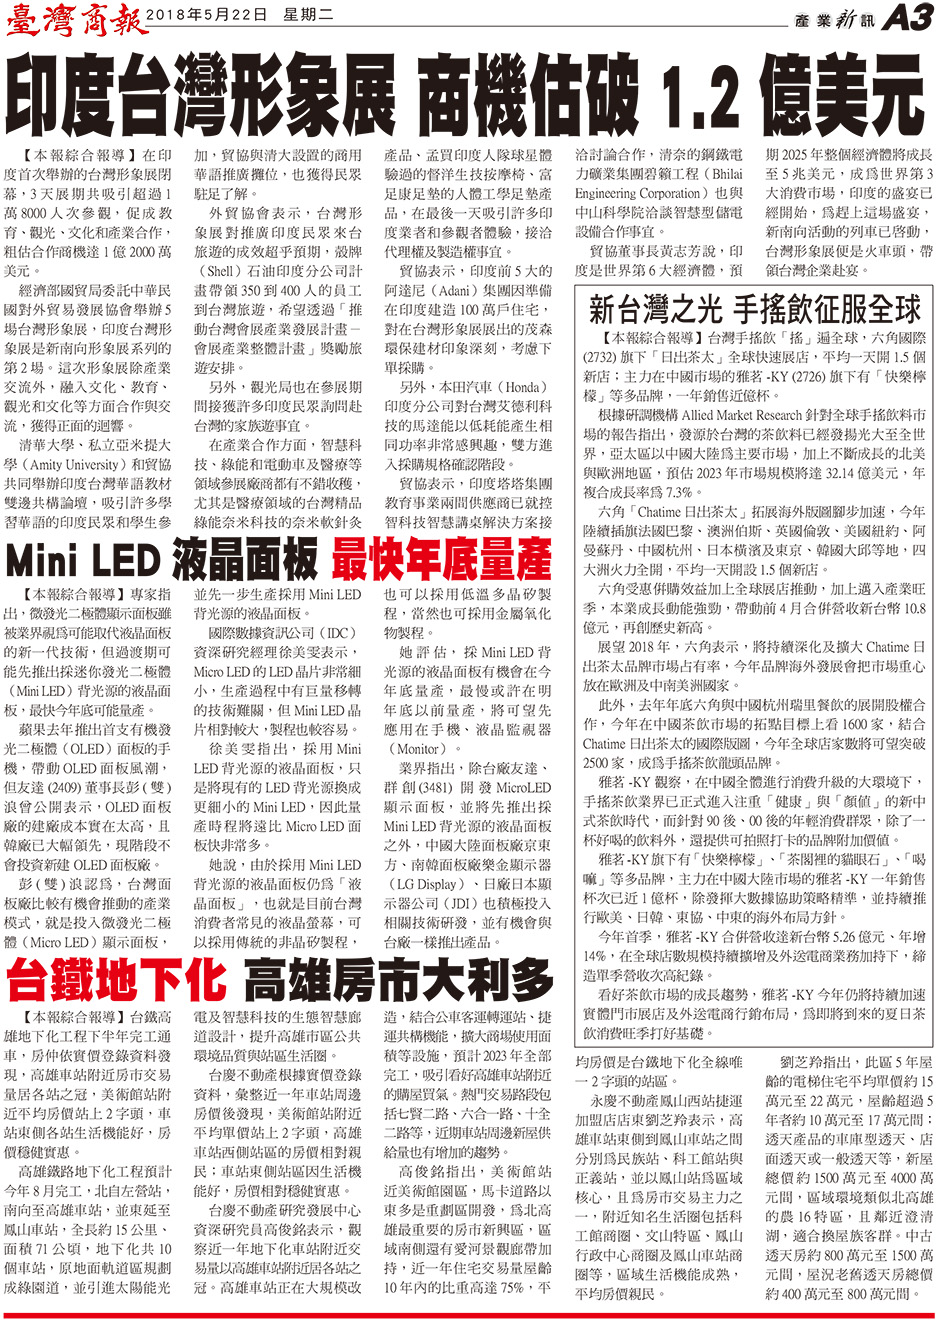 印度台灣形象展 商機估破 1.2 億美元